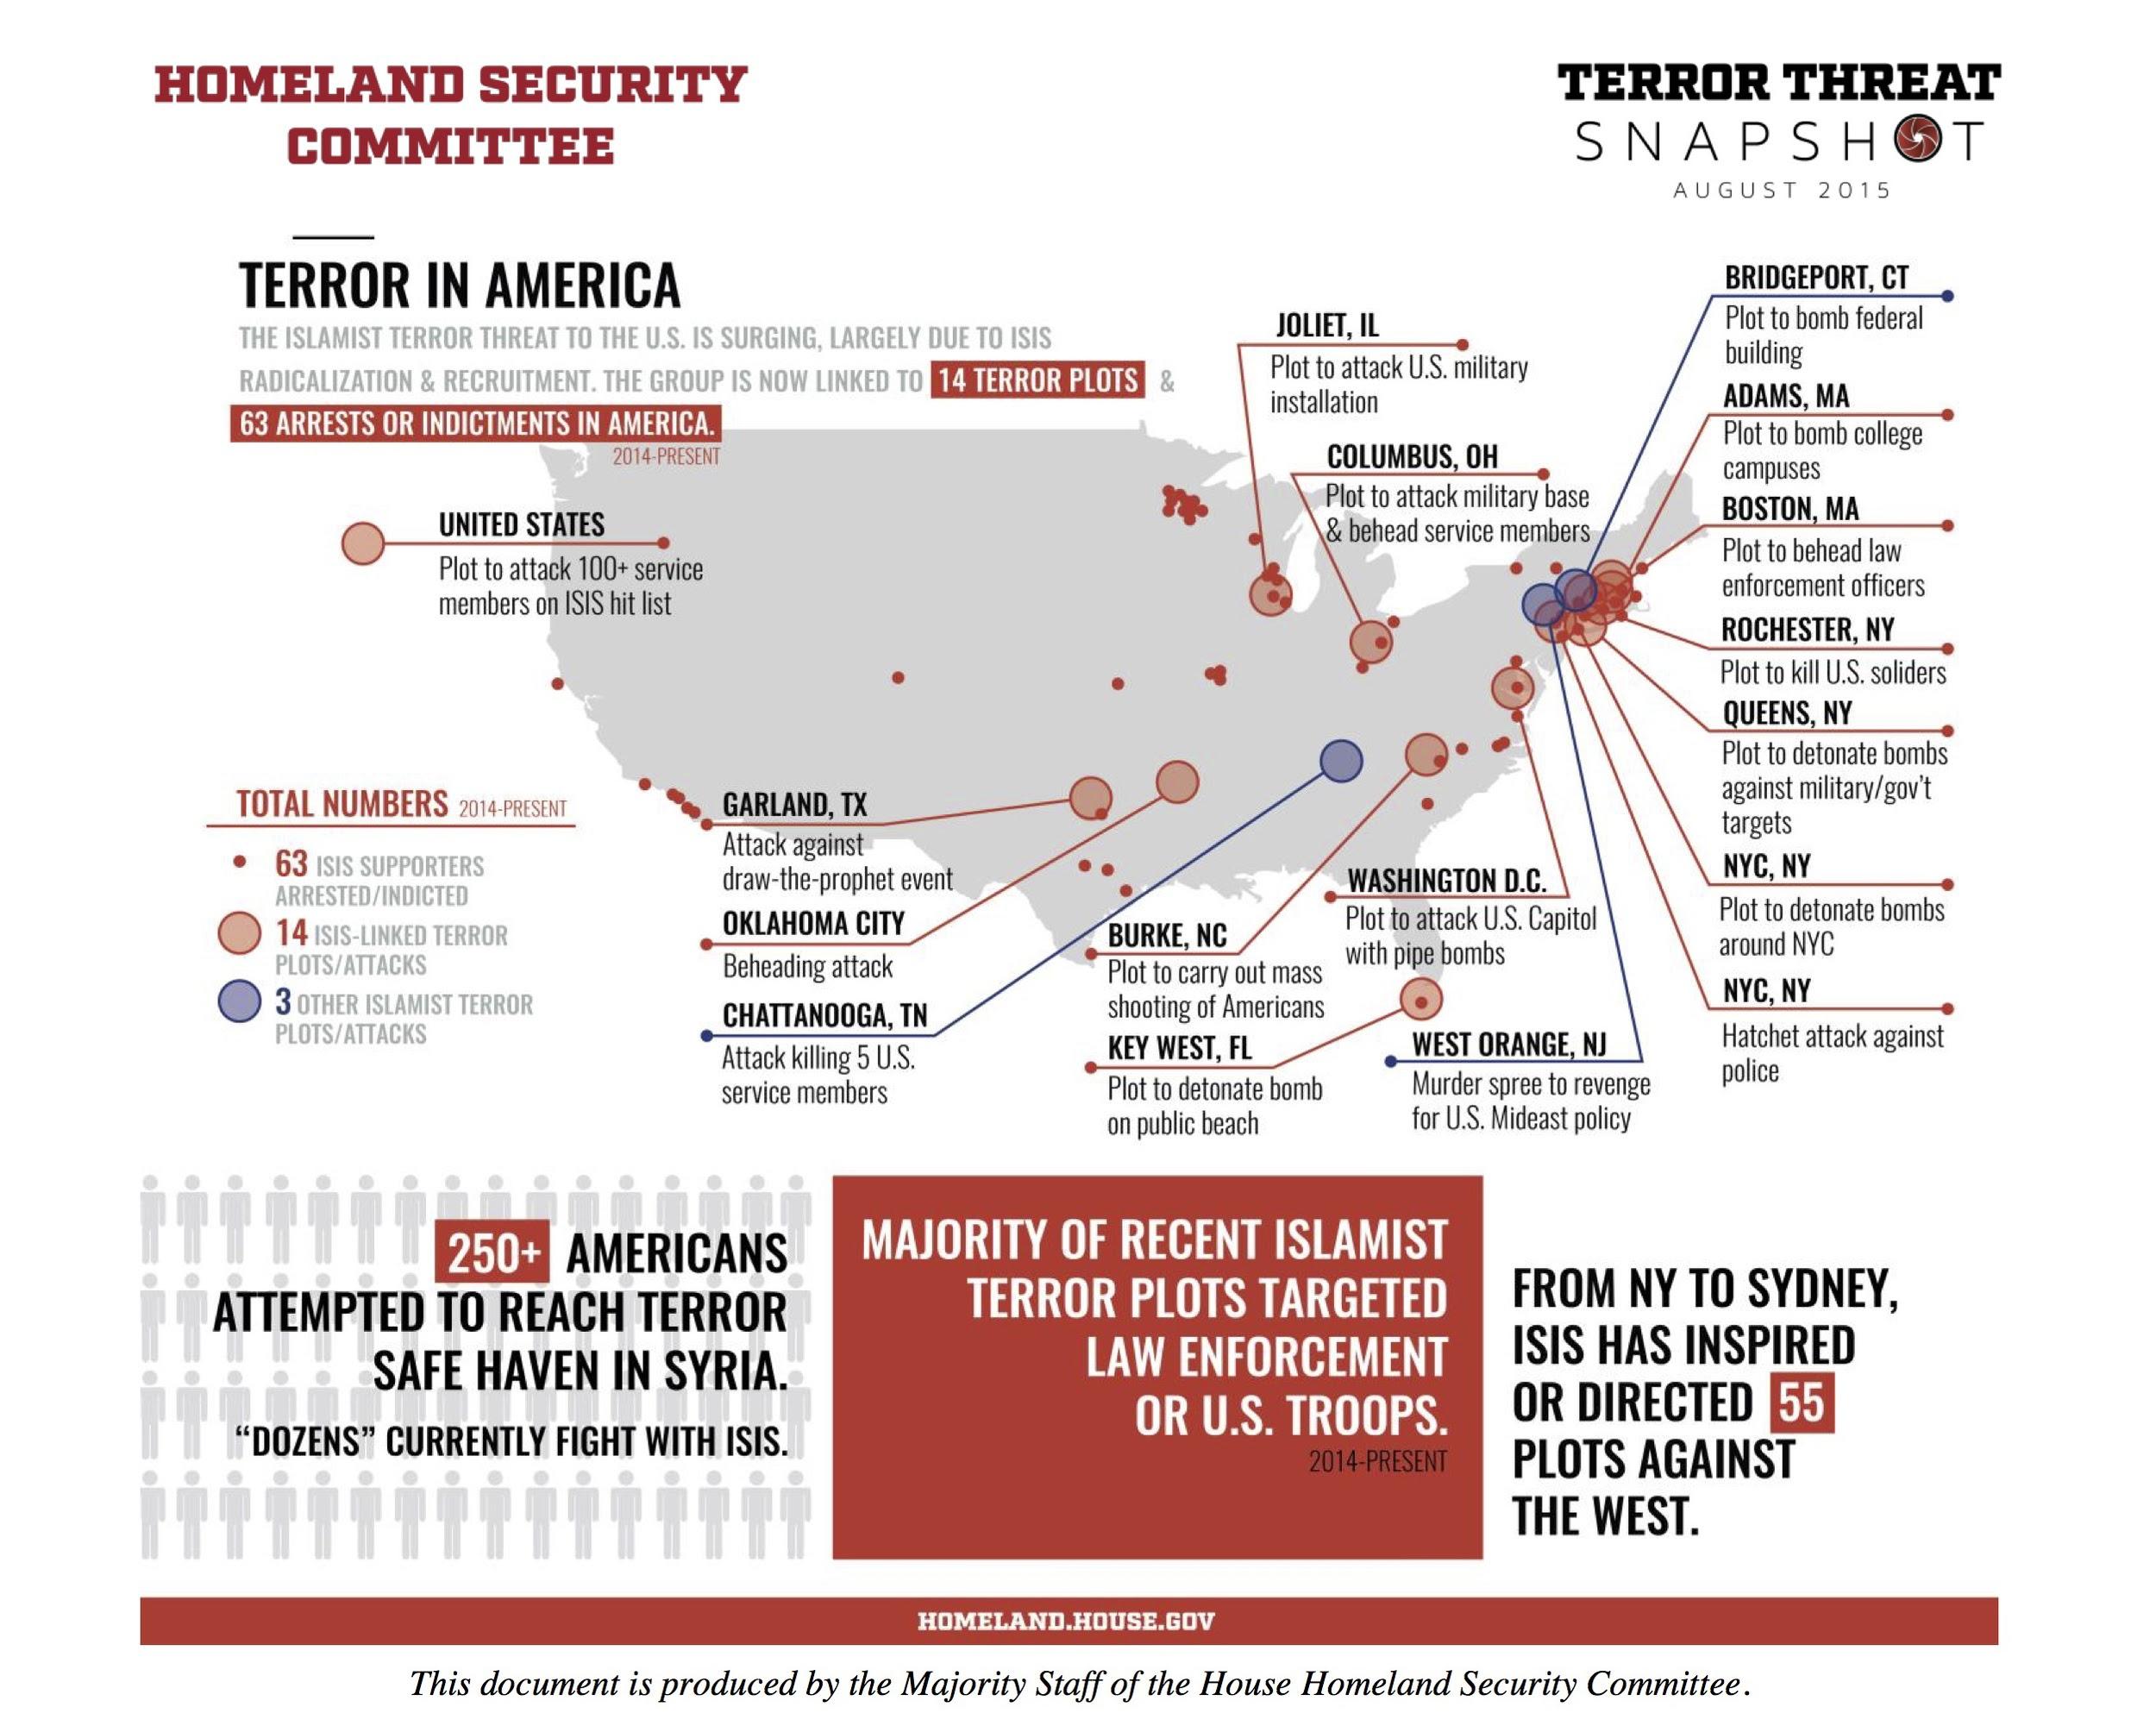 From http://homeland.house.gov/sites/homeland.house.gov/files/documents/August%20Terror%20Snapshot_0.pdf